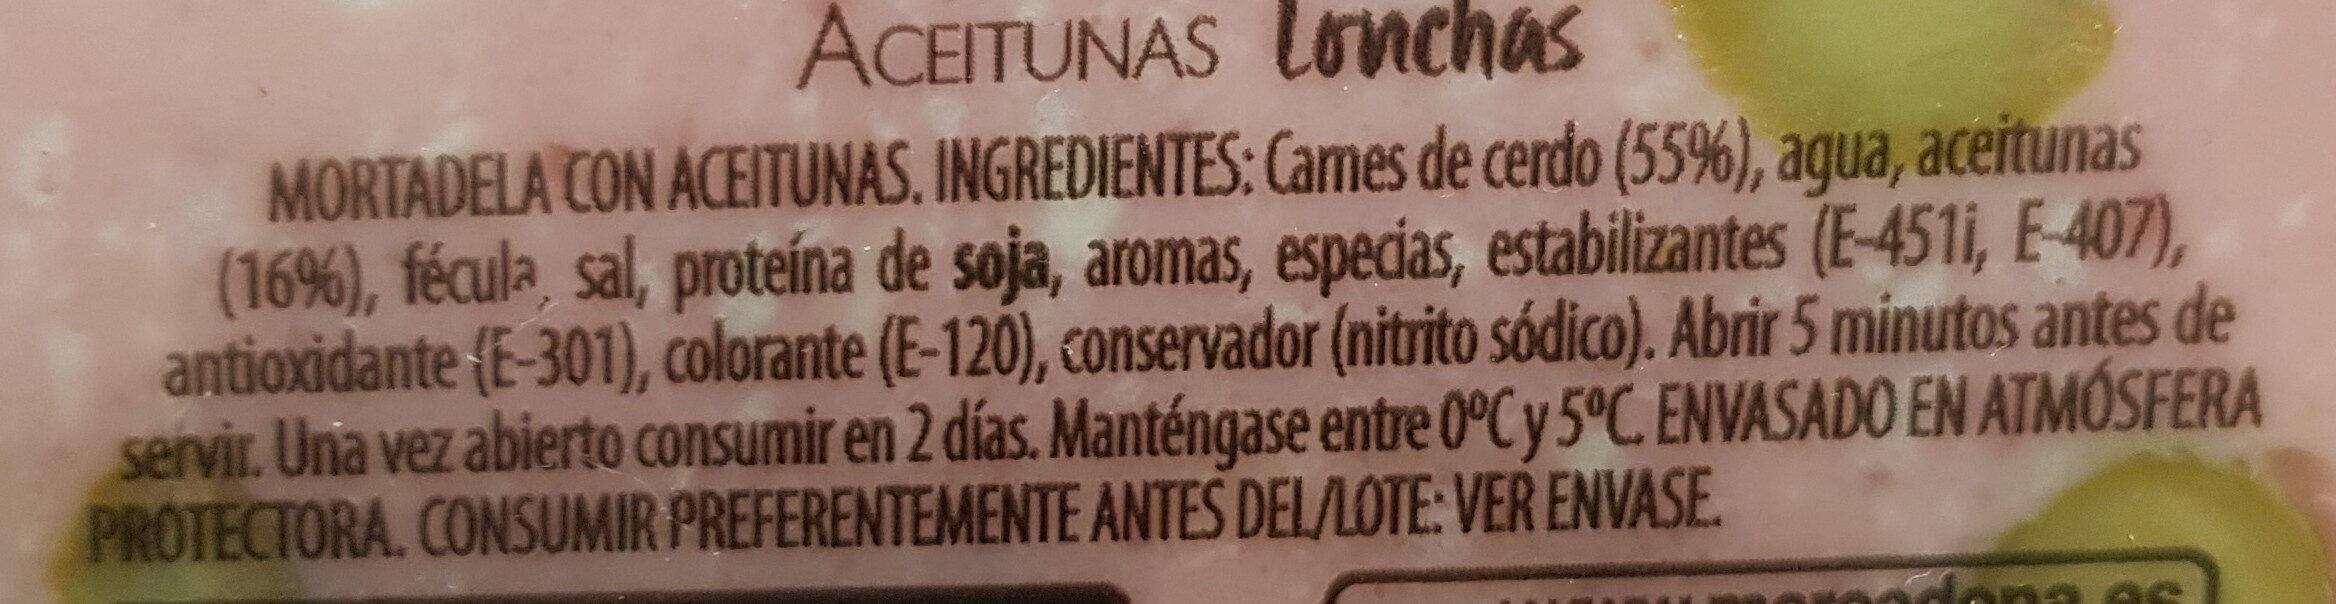 Mortadela con aceitunas - Ingredientes - es